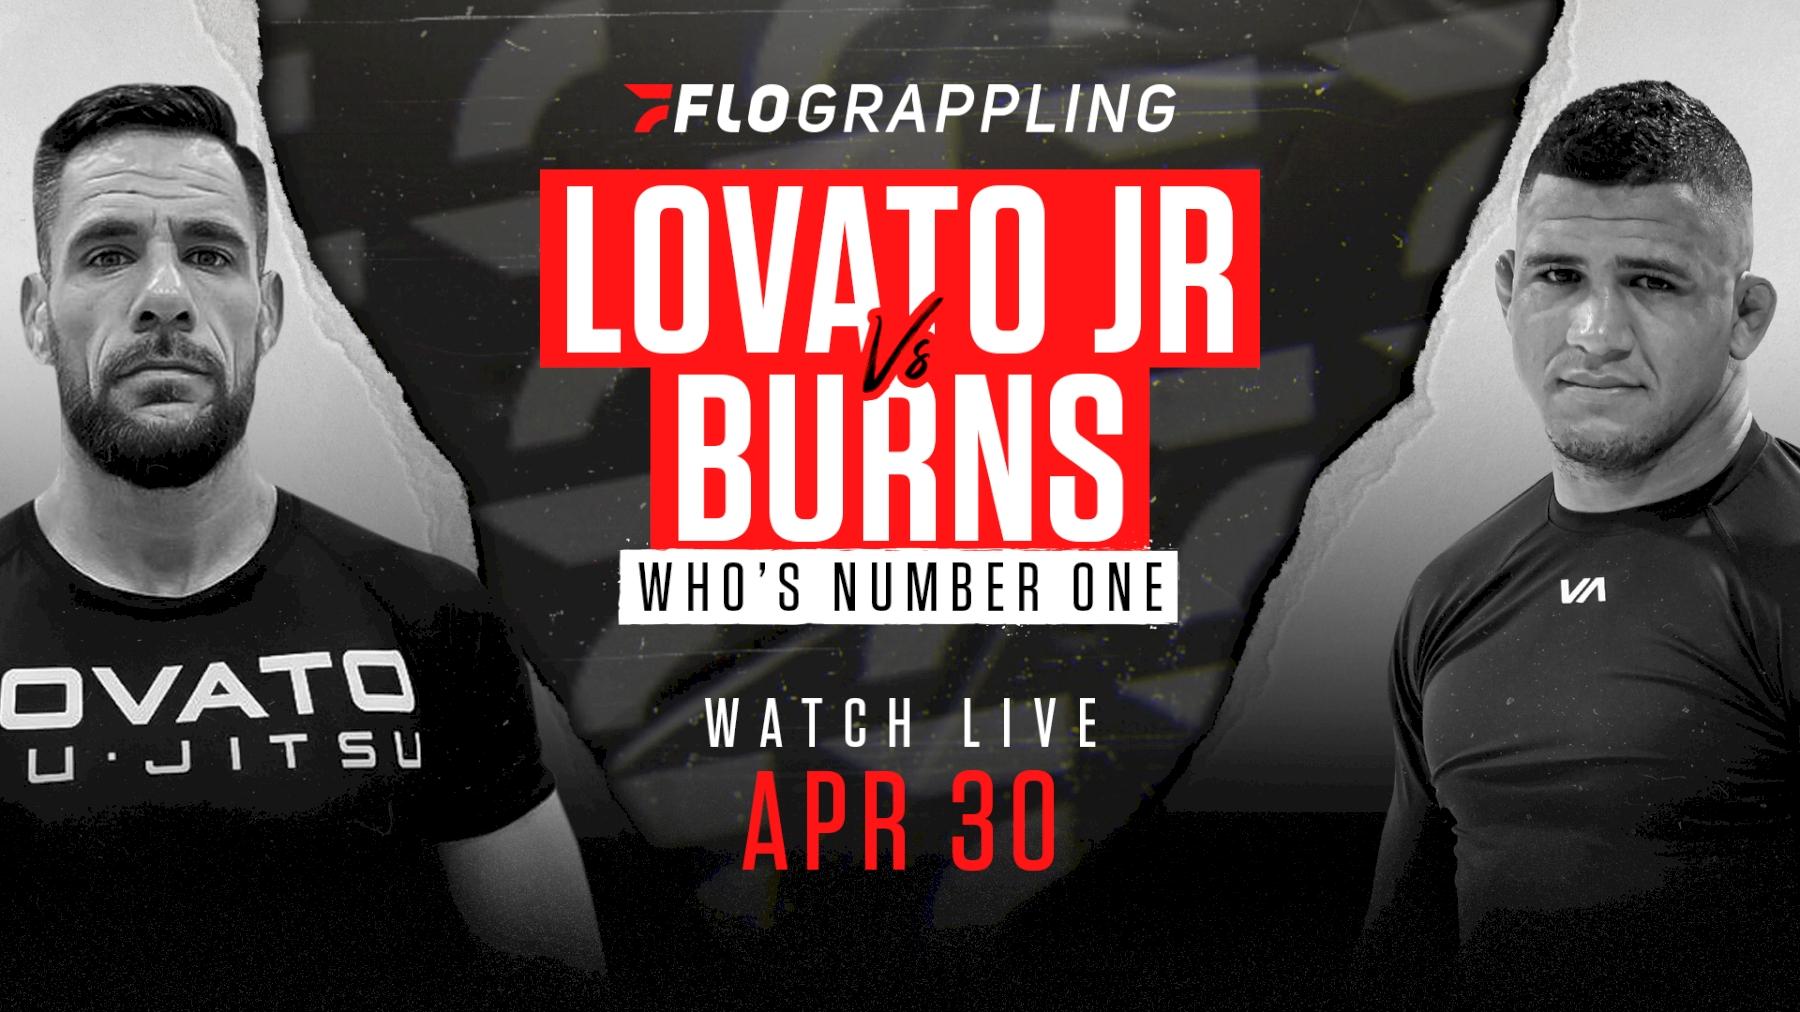 مسابقات گراپلینگ: WNO Rafael Lovato Jr. vs Gilbert Burns